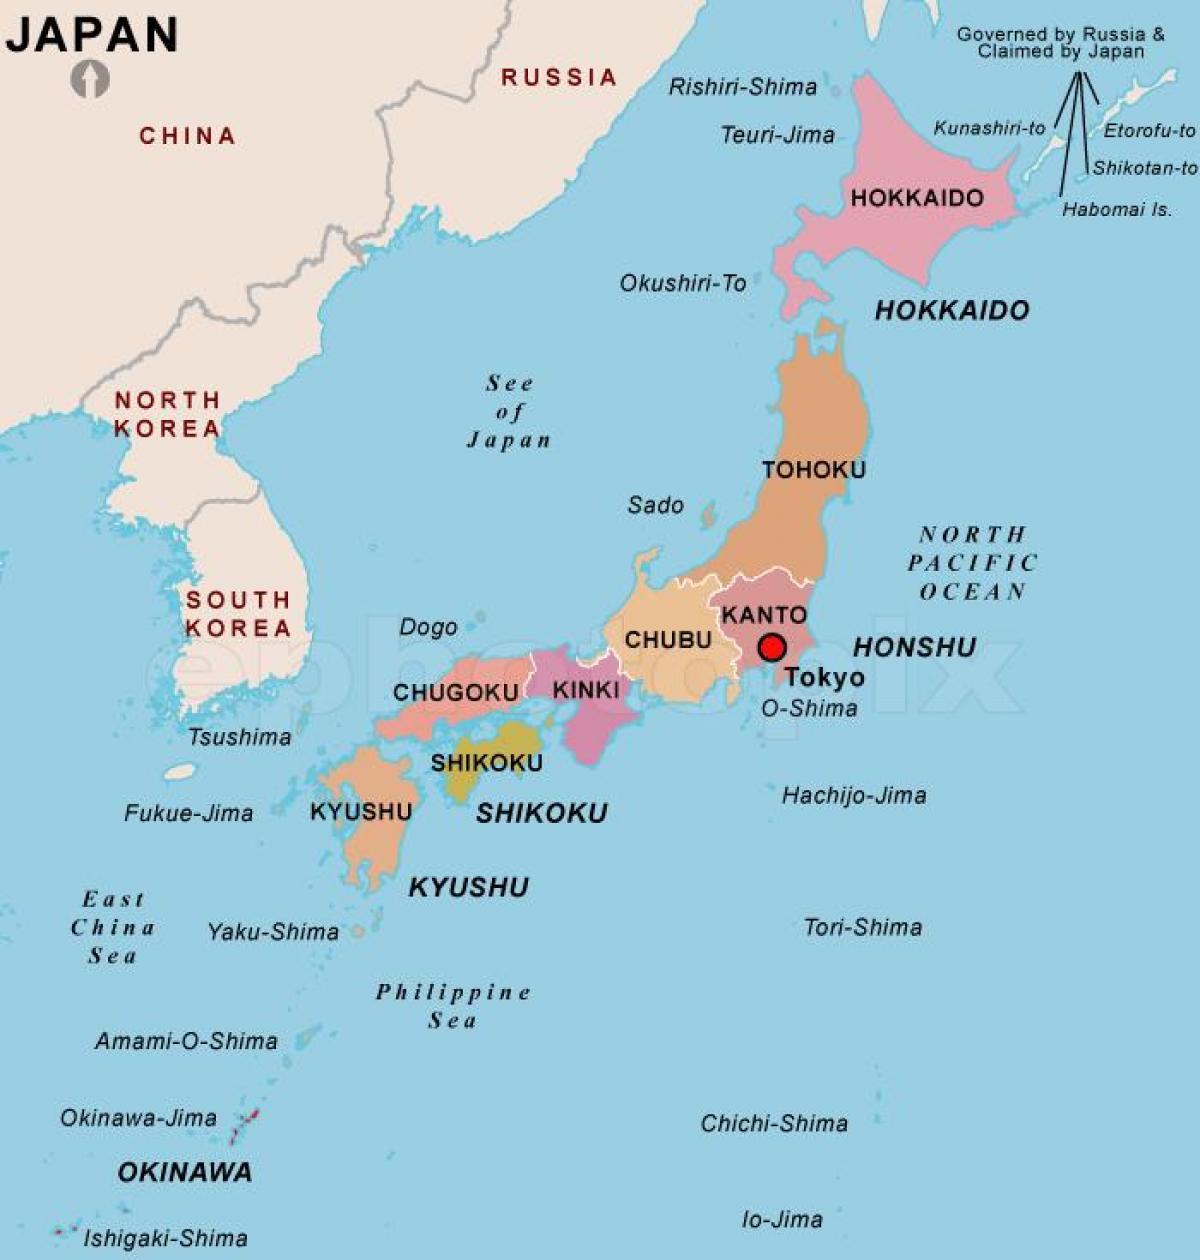 Mapa Polityczna Japonii Polityczna Mapa Japonii Wschodniej Azji